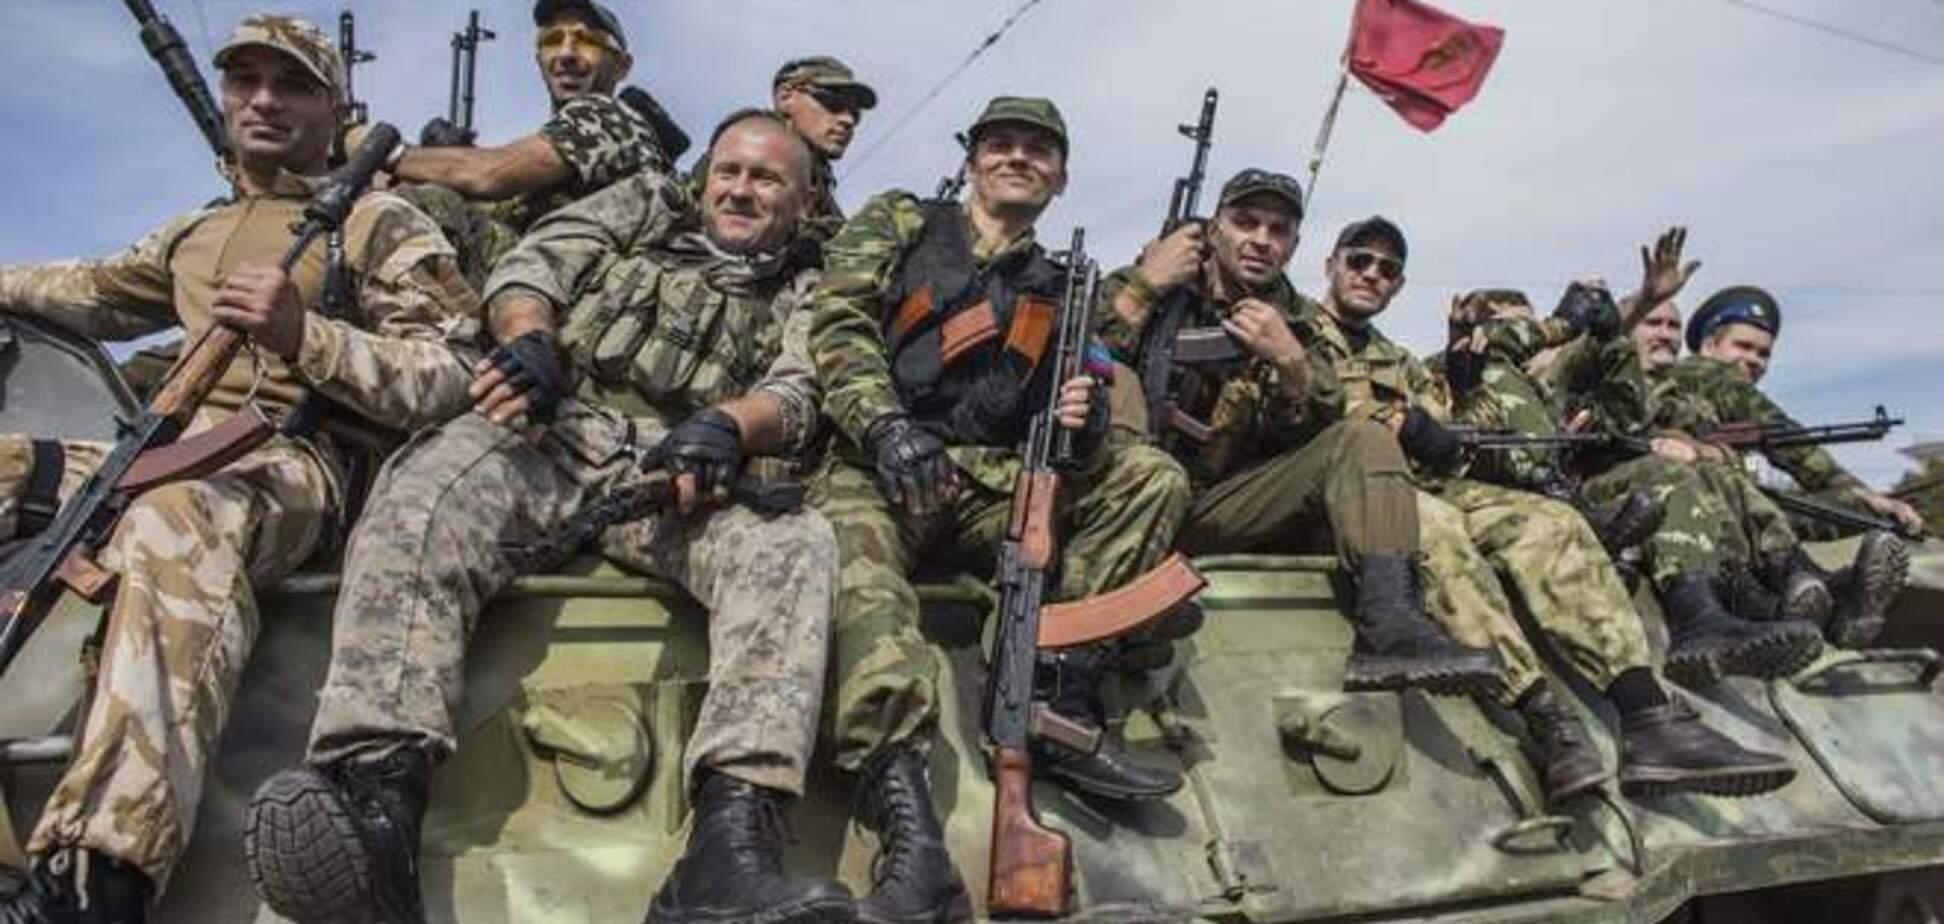 Путин готовится к наступлению, но на большую войну не решился: эксперты о боях на Донбассе